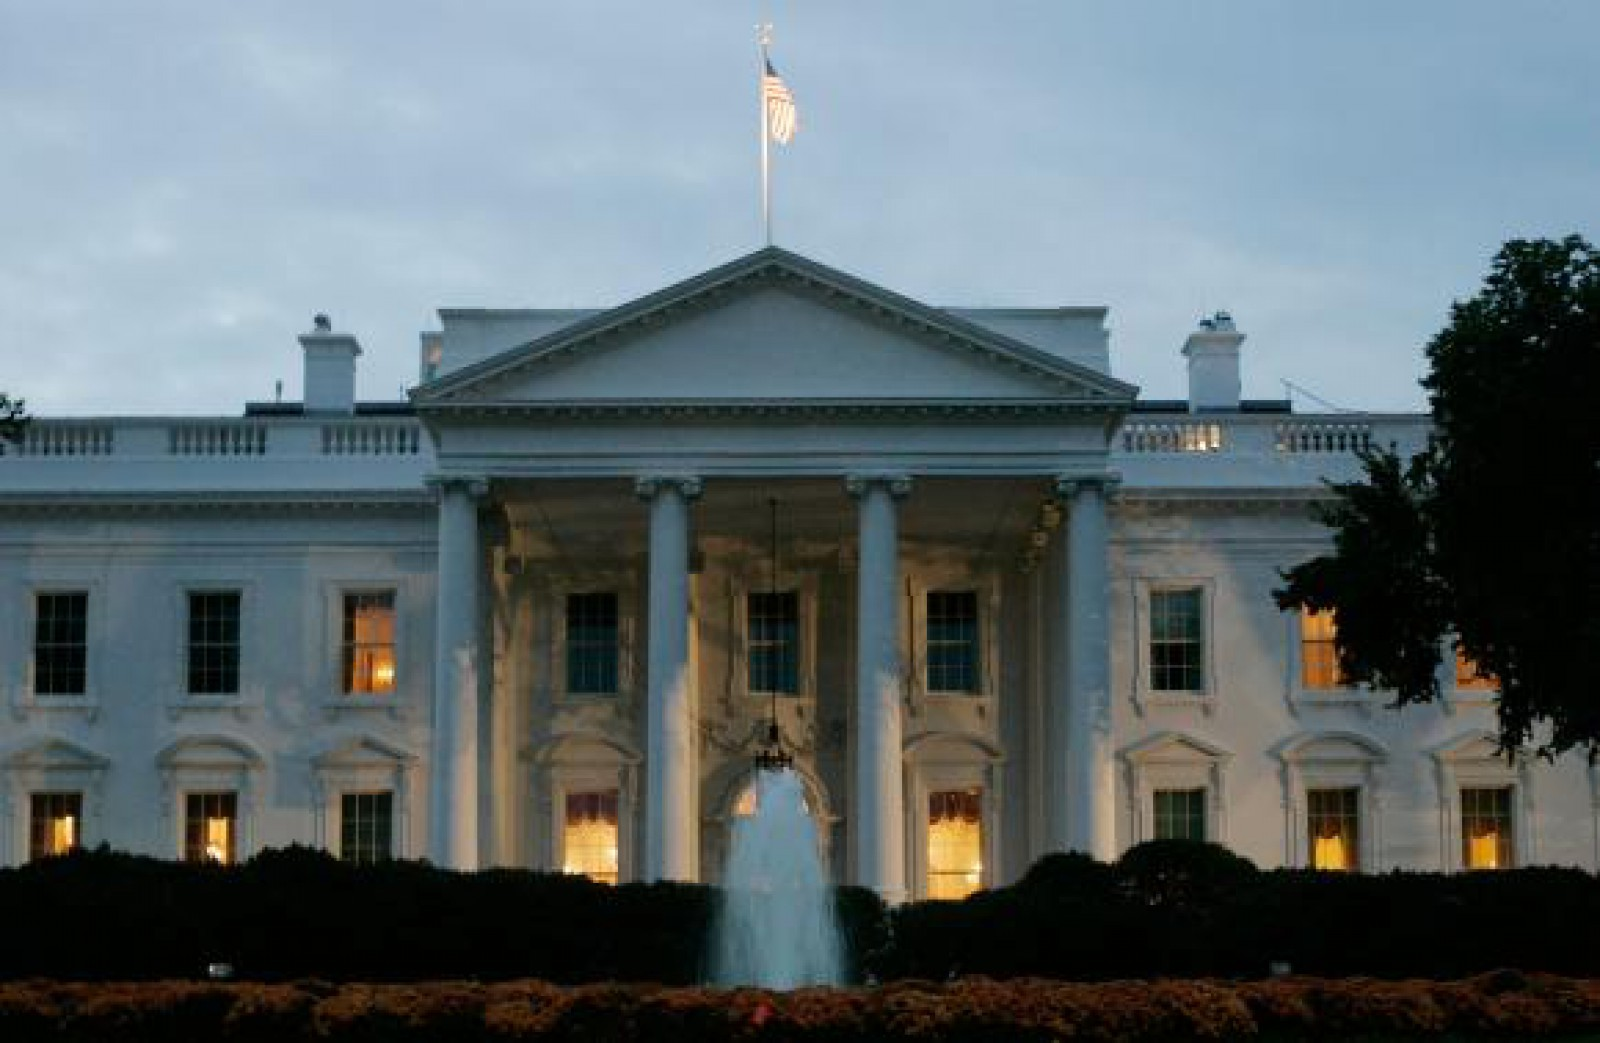 SUA: Coordonatorul pentru securitatea cibernetică pleacă de la Casa Albă